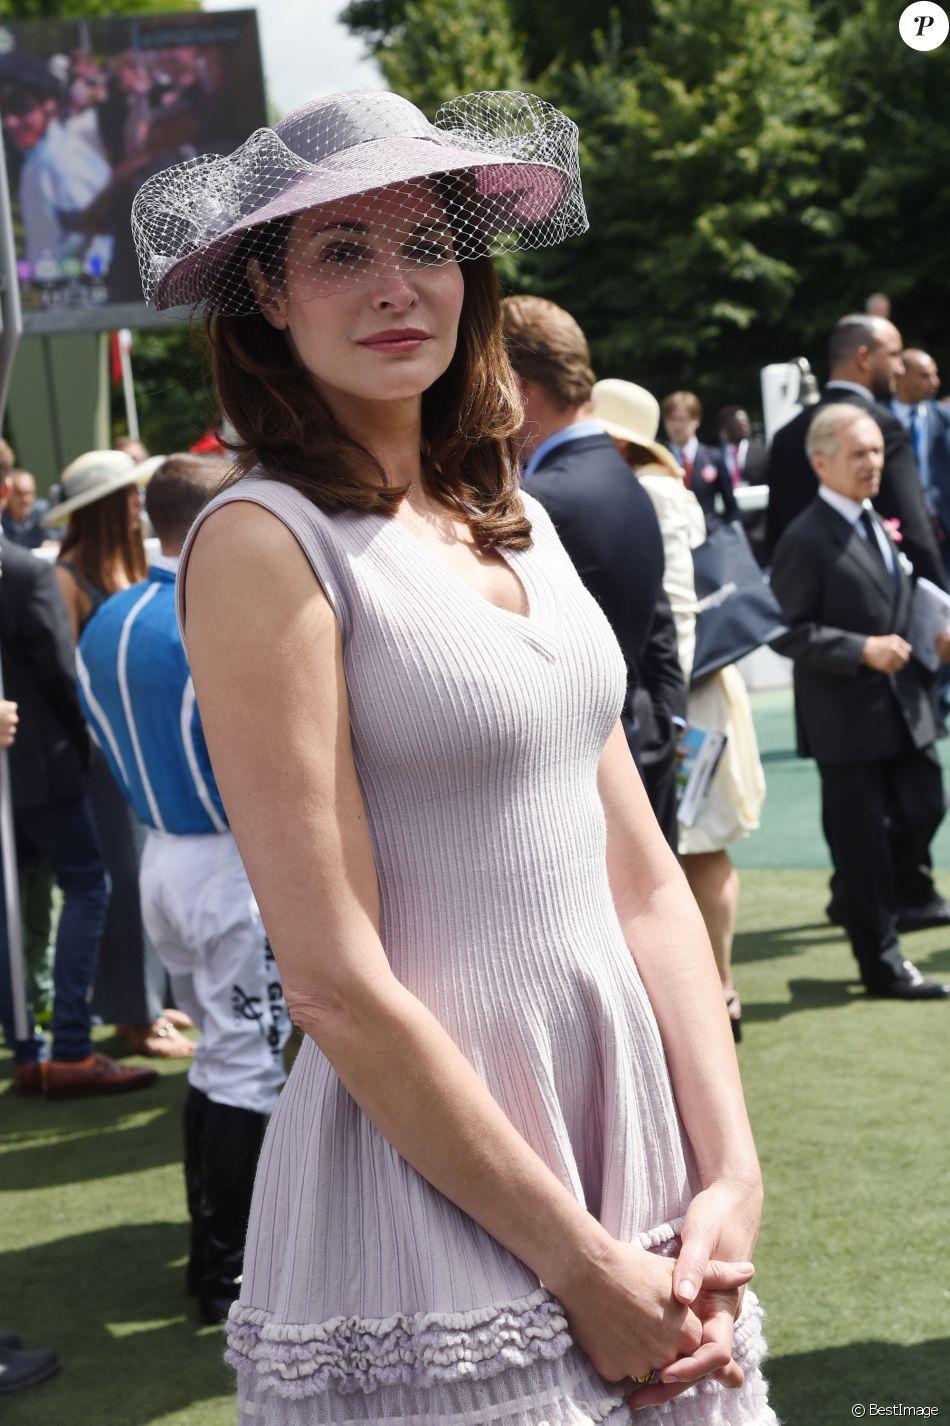 Stephanie Seymour - 169ème Prix de Diane Longines sur l'hippodrome de Chantilly, France, le 17 juin 2018. © Giancarlo Gorassini/Bestimage